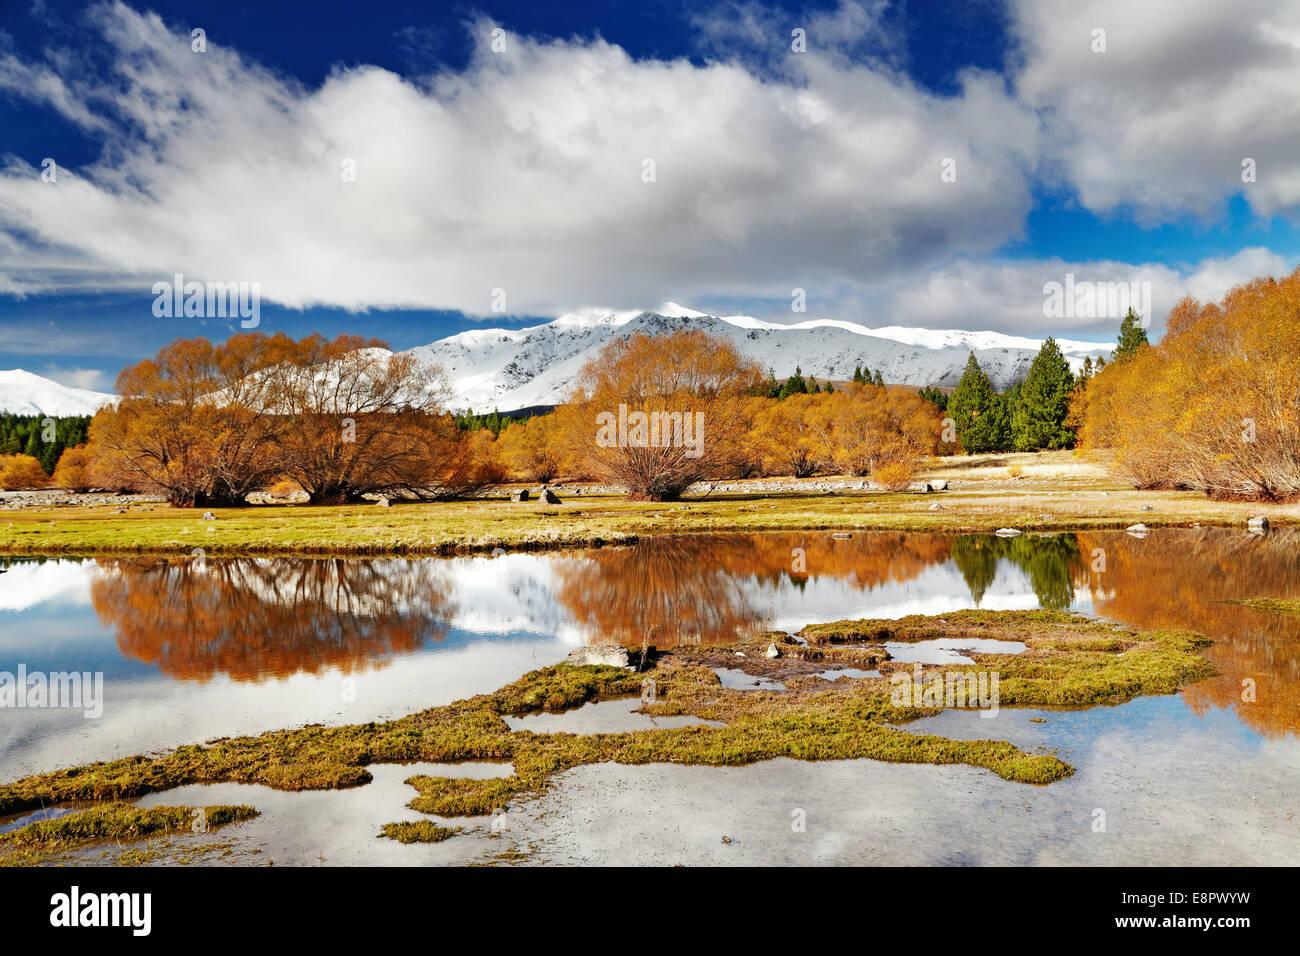 Mountain landscape, Lake Tekapo, New Zealand - Stock Image